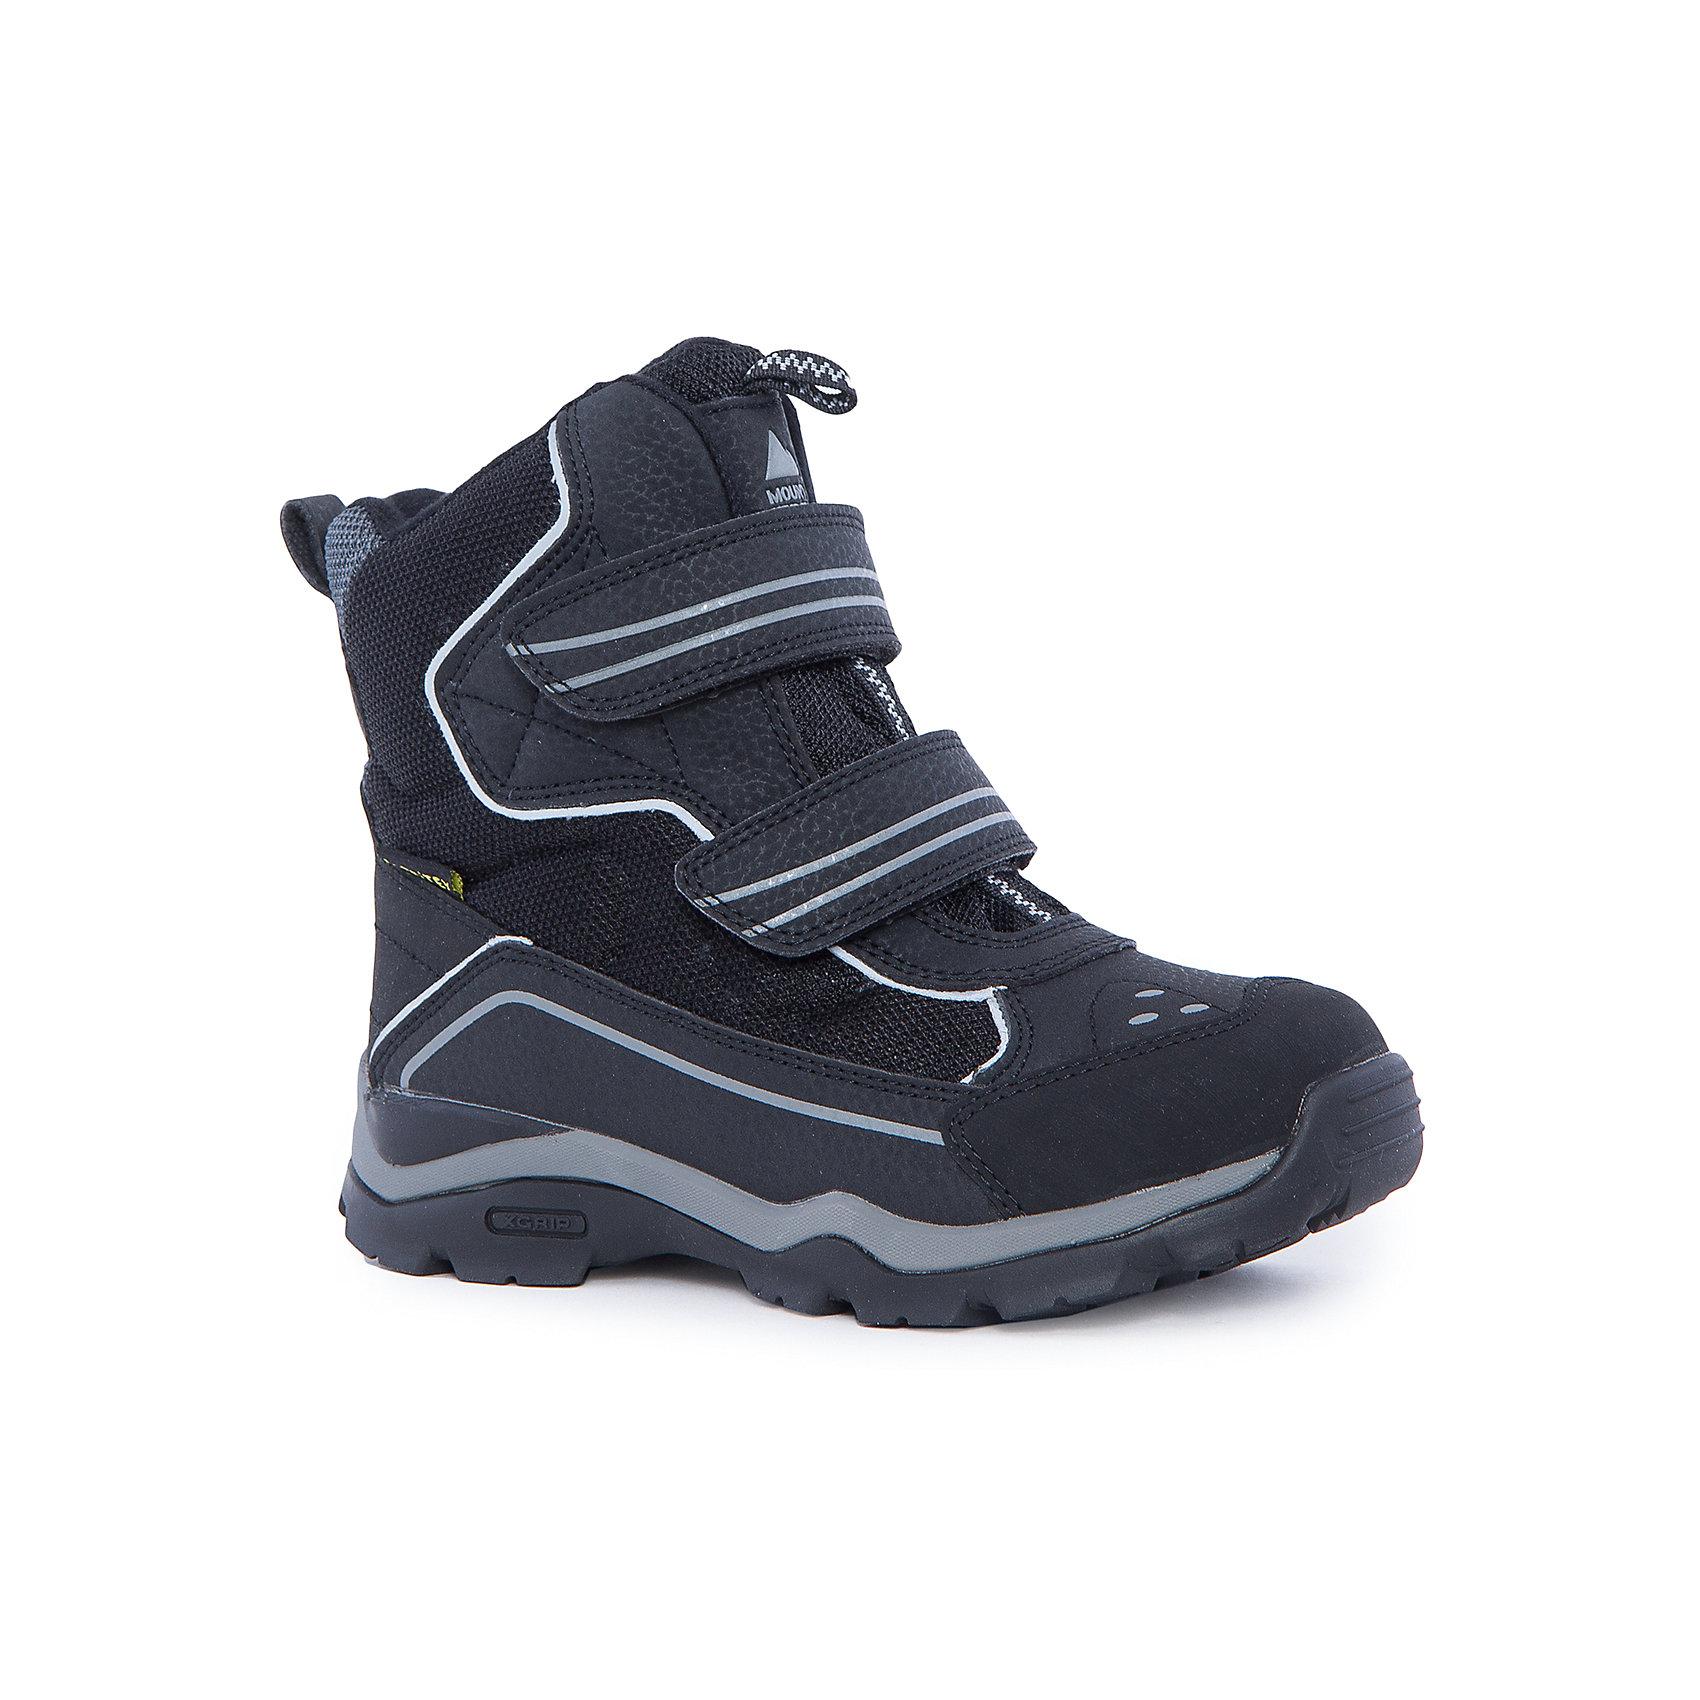 Ботинки для мальчика KAPIKAБотинки для мальчика KAPIKA.<br><br>Температурный режим: до -20 градусов. Степень утепления – средняя. <br><br>* Температурный режим указан приблизительно — необходимо, прежде всего, ориентироваться на ощущения ребенка. <br><br>Стильная и теплая обувь для холодной погоды.<br>Теплые и непромокаемые высокие ботинки – очень легкие и удобные. Ребенок сможет бегать долгое время и не уставать. Кроме этого, для правильного положения стопы есть твердый задник. Нескользящая подошва защитит ребенка от падения. Ботинки хорошо прилегают к ноге, фиксируясь двумя липучками.<br><br>Дополнительная информация:<br><br>- цвет: черный<br>- материал верха: искусственная кожа/водонепроницаемый материал<br>- материал низа: 65% искусственный мех, 35% шерсть<br><br>Ботинки для мальчика KAPIKA можно купить в нашем интернет магазине.<br><br>Ширина мм: 262<br>Глубина мм: 176<br>Высота мм: 97<br>Вес г: 427<br>Цвет: черный<br>Возраст от месяцев: 132<br>Возраст до месяцев: 144<br>Пол: Мужской<br>Возраст: Детский<br>Размер: 35,31,32,33,34<br>SKU: 4987962